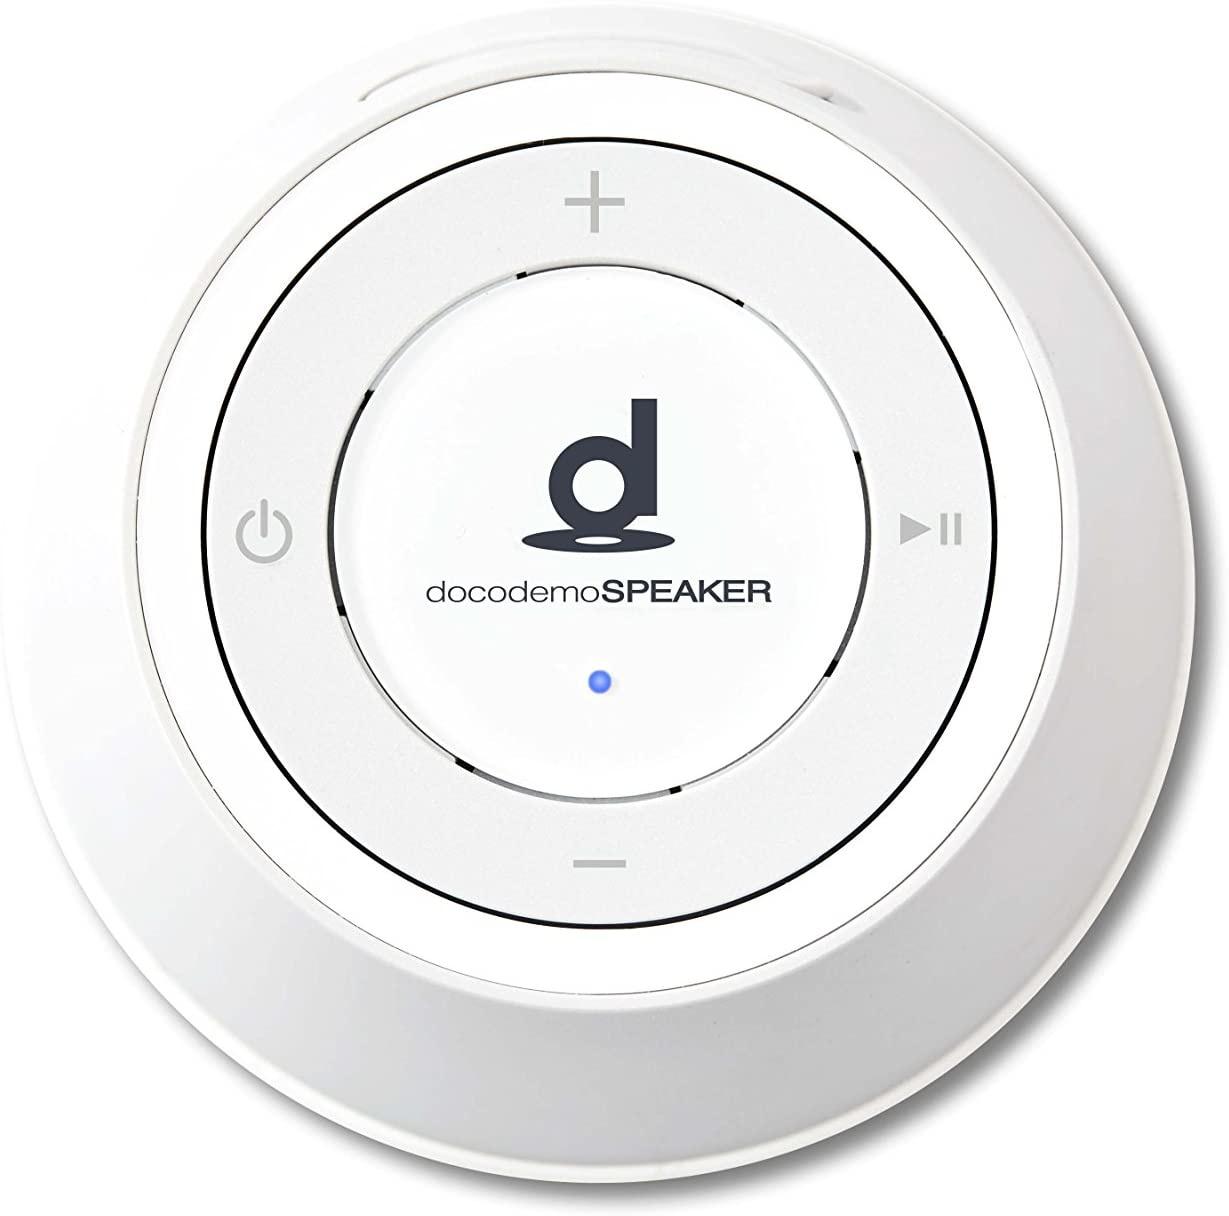 boco(ボコ) docodemo SPEAKER SP-1の商品画像2